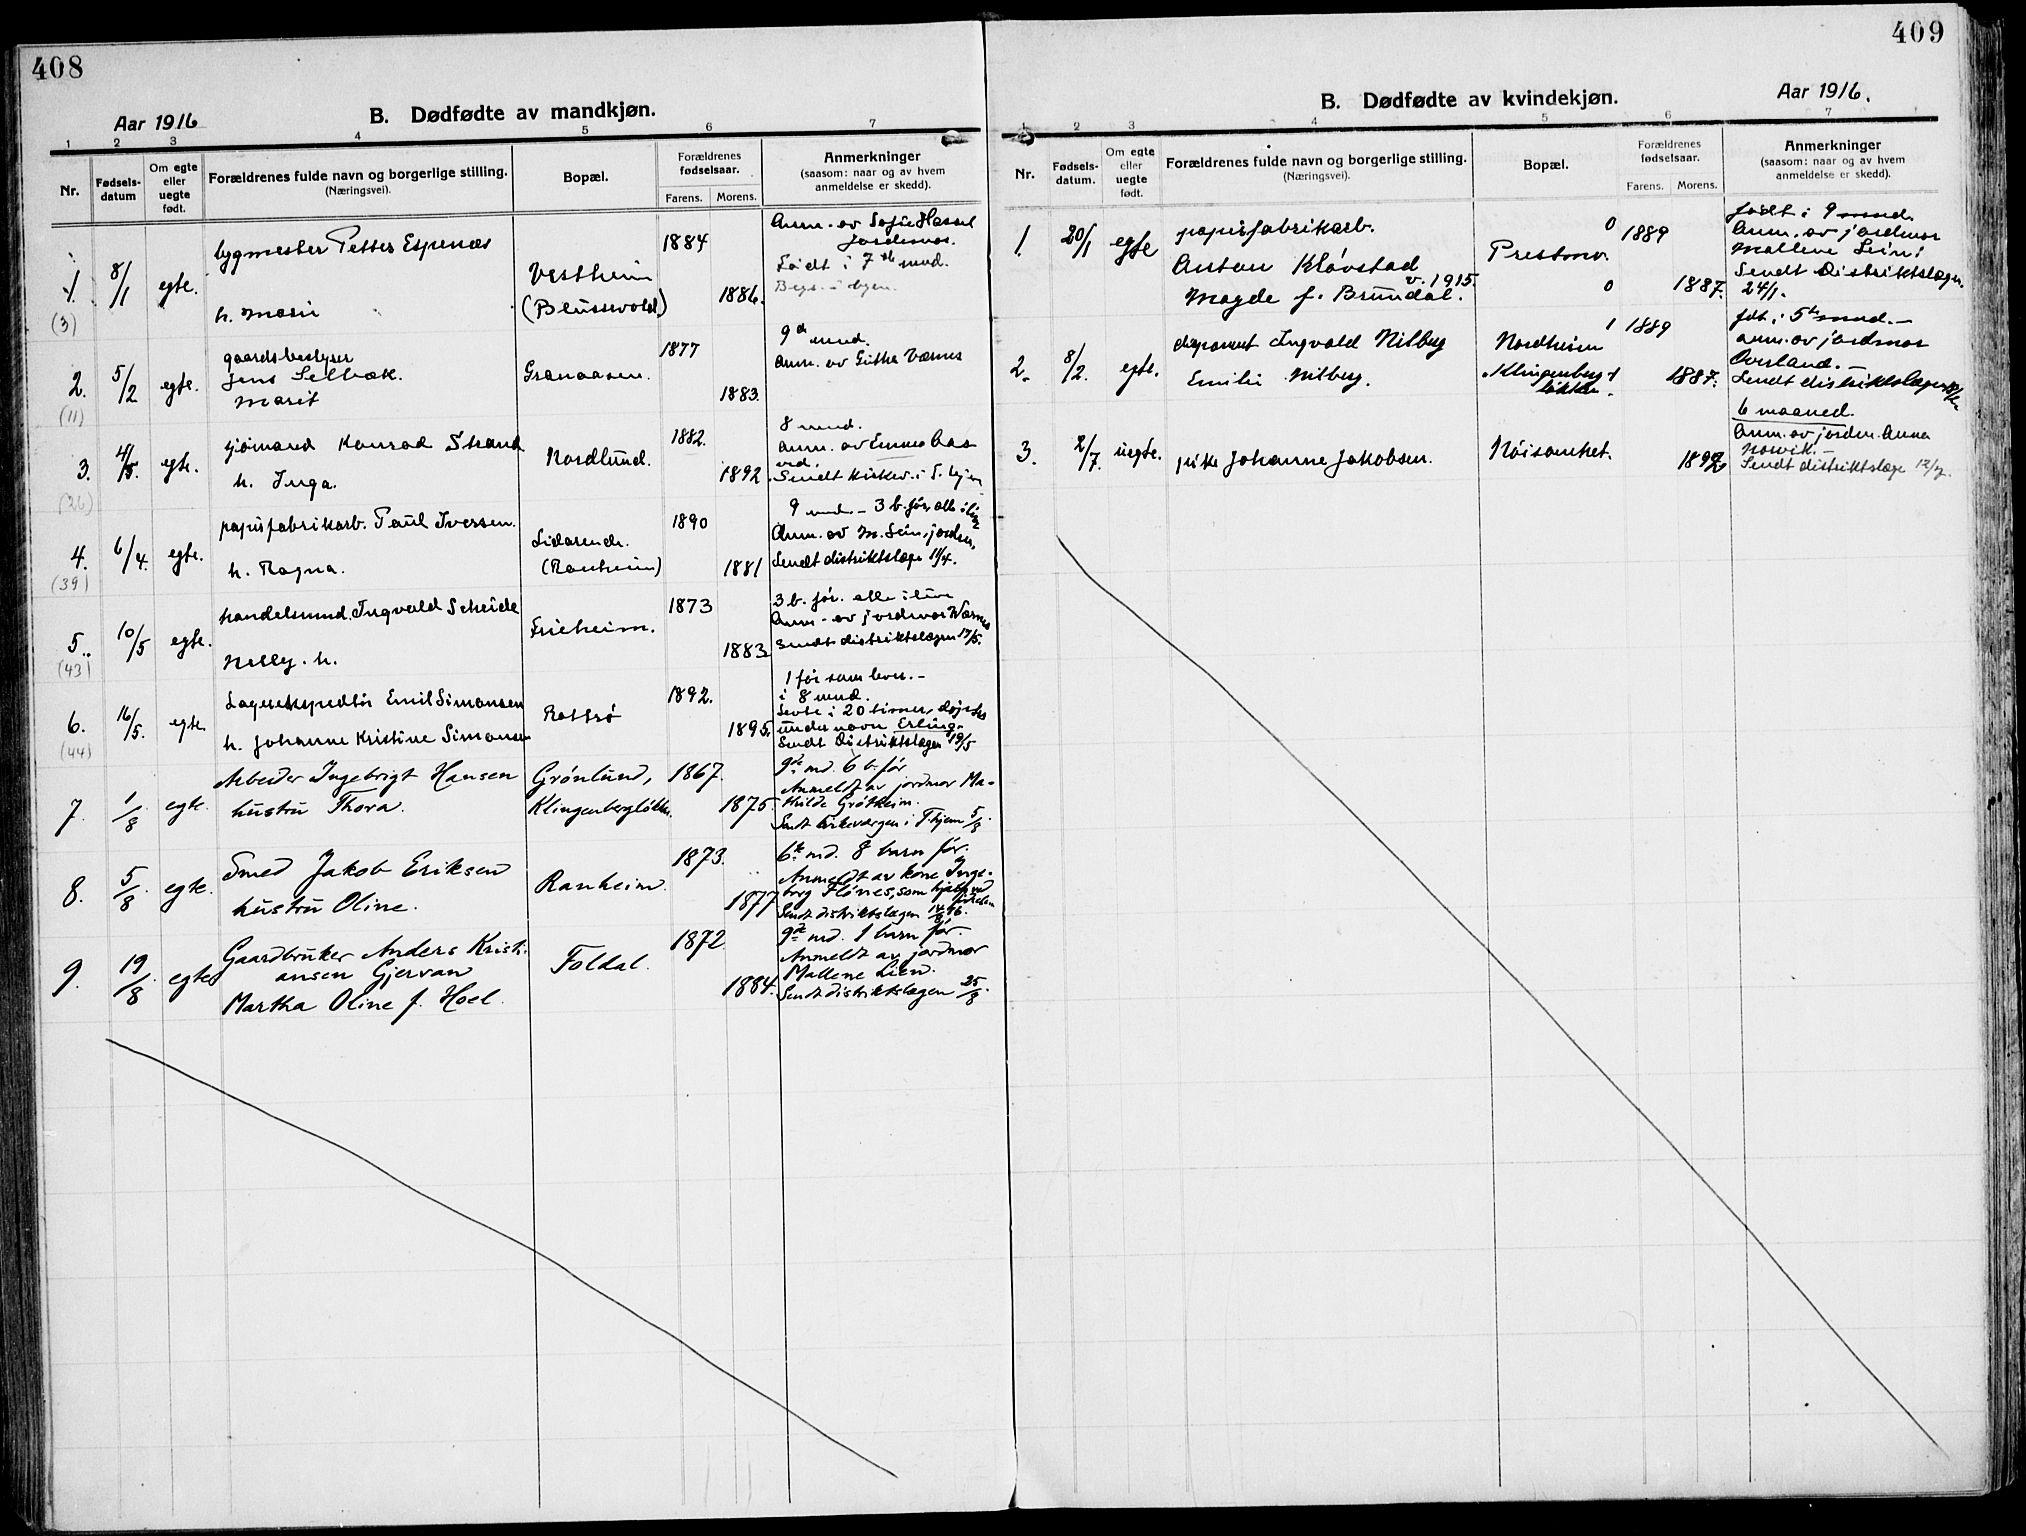 SAT, Ministerialprotokoller, klokkerbøker og fødselsregistre - Sør-Trøndelag, 607/L0321: Ministerialbok nr. 607A05, 1916-1935, s. 408-409